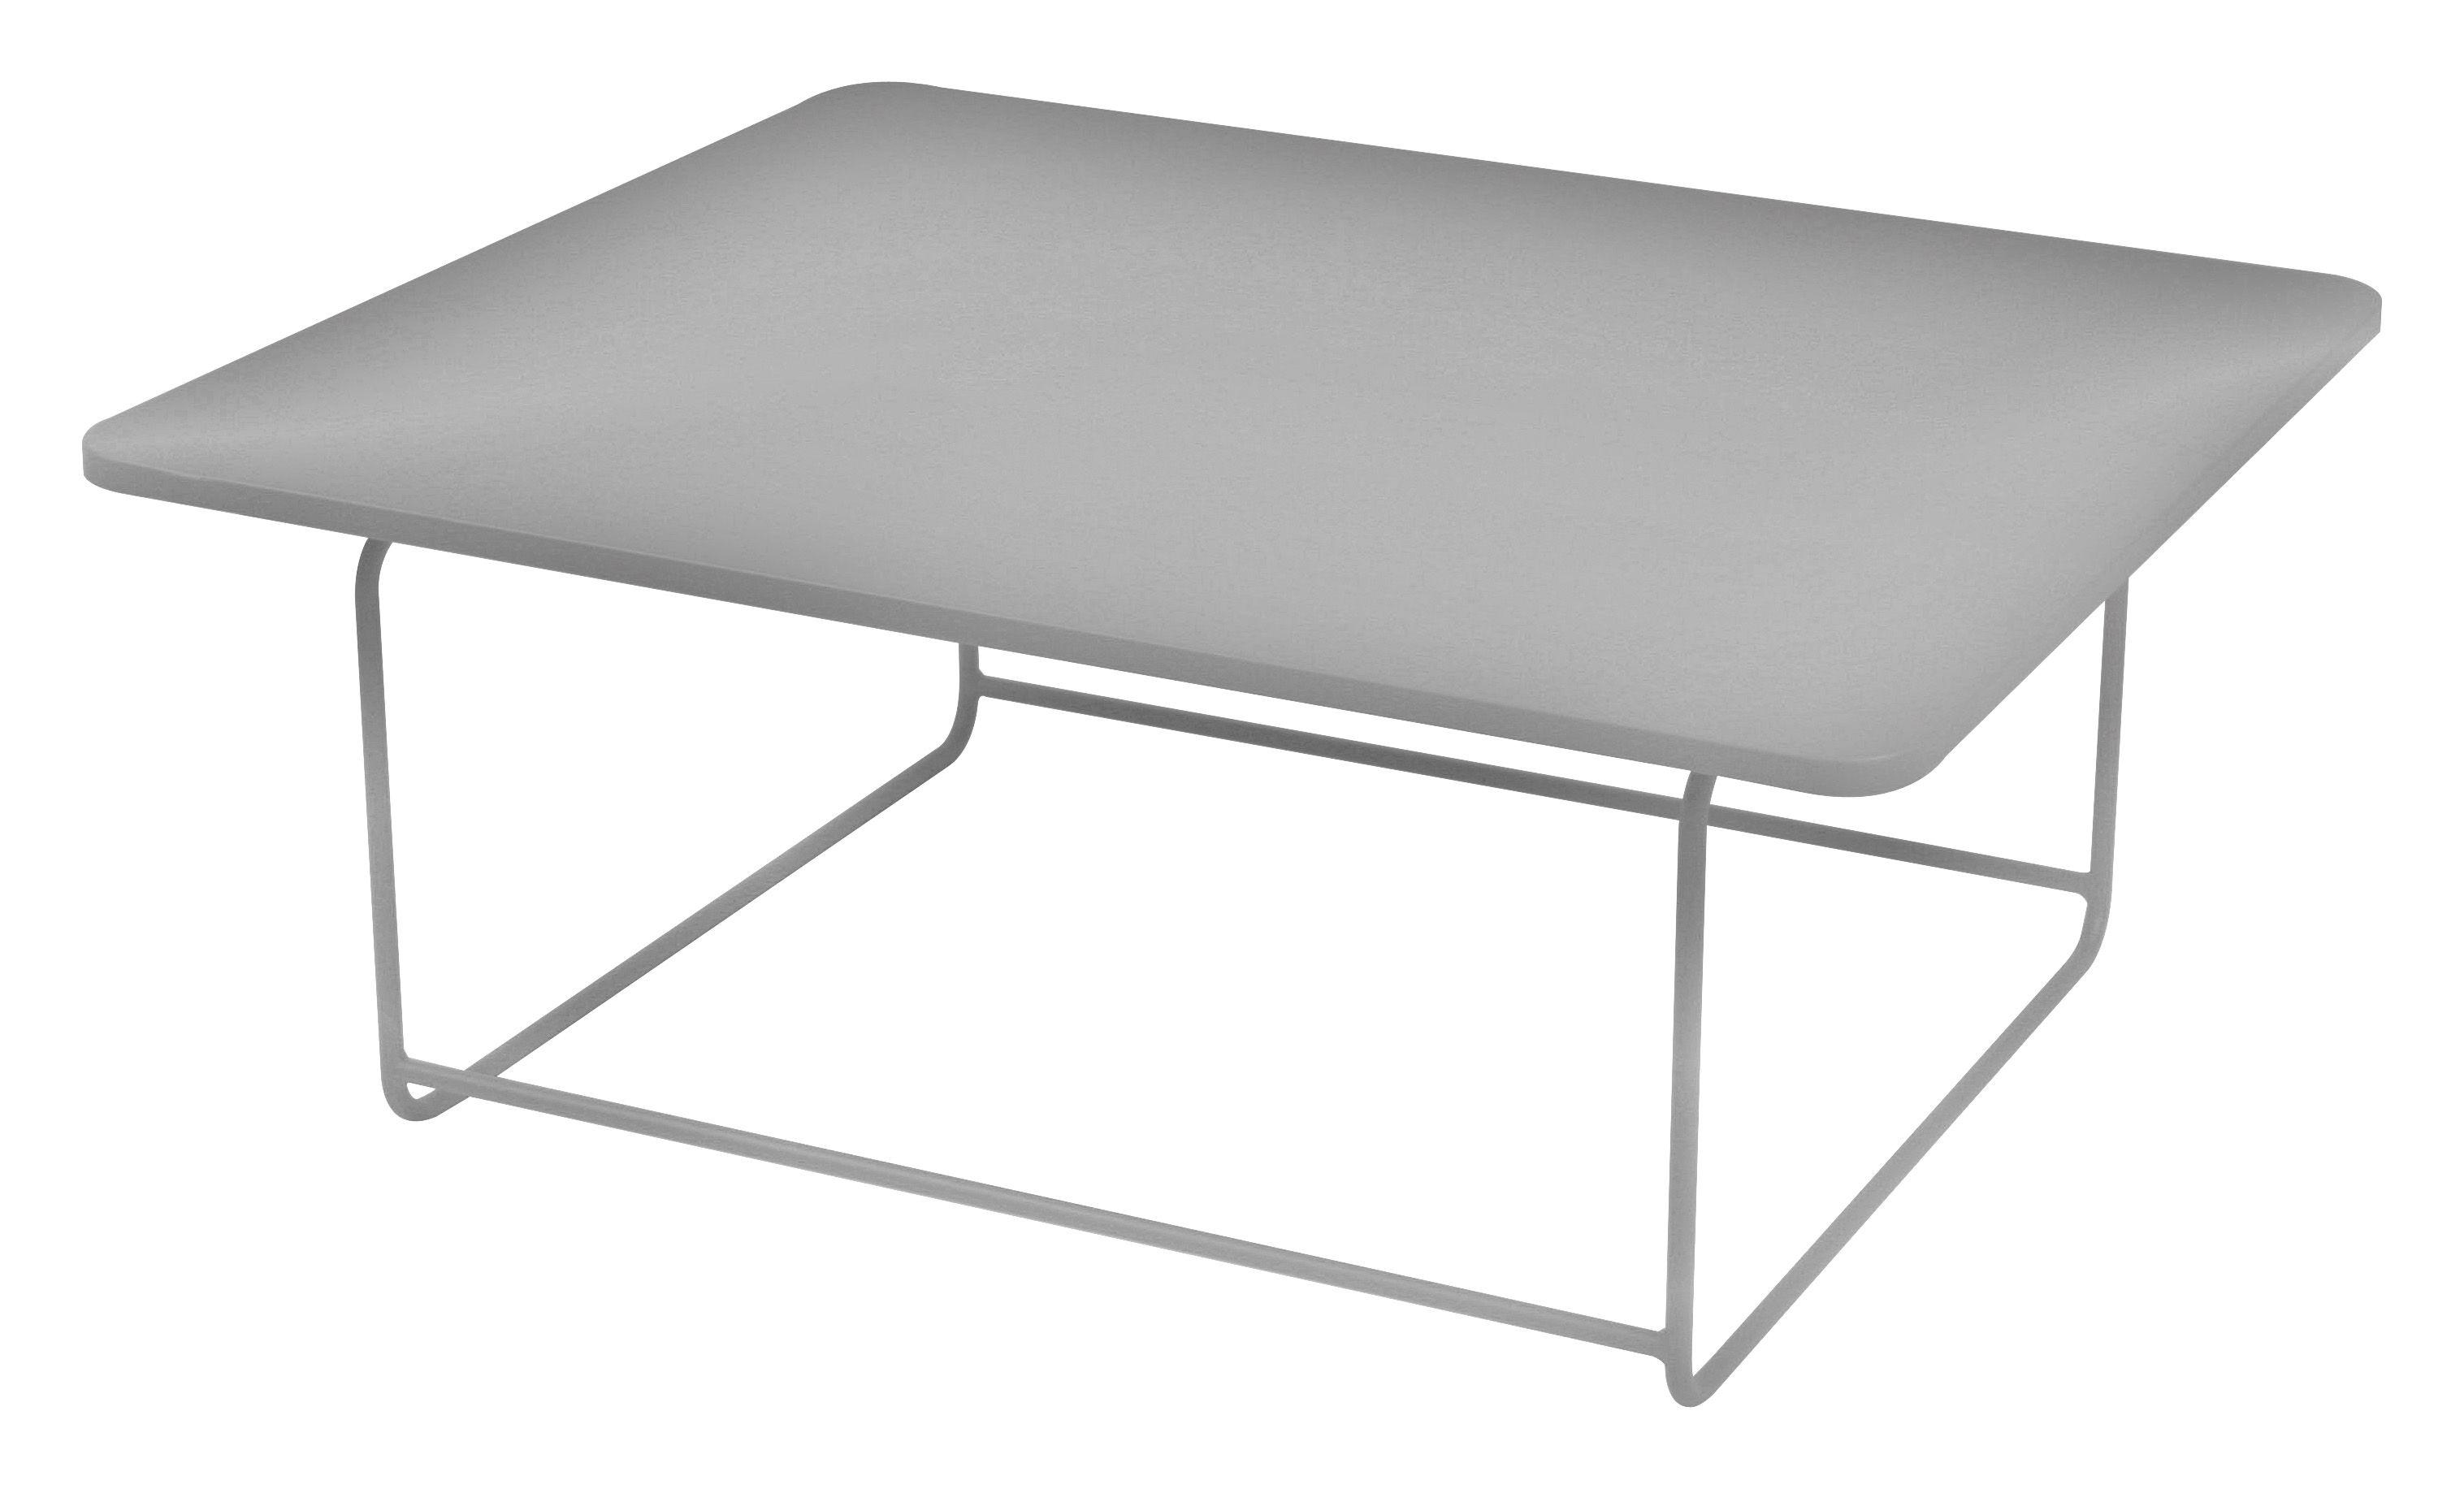 table basse ellipse gris m tal fermob. Black Bedroom Furniture Sets. Home Design Ideas